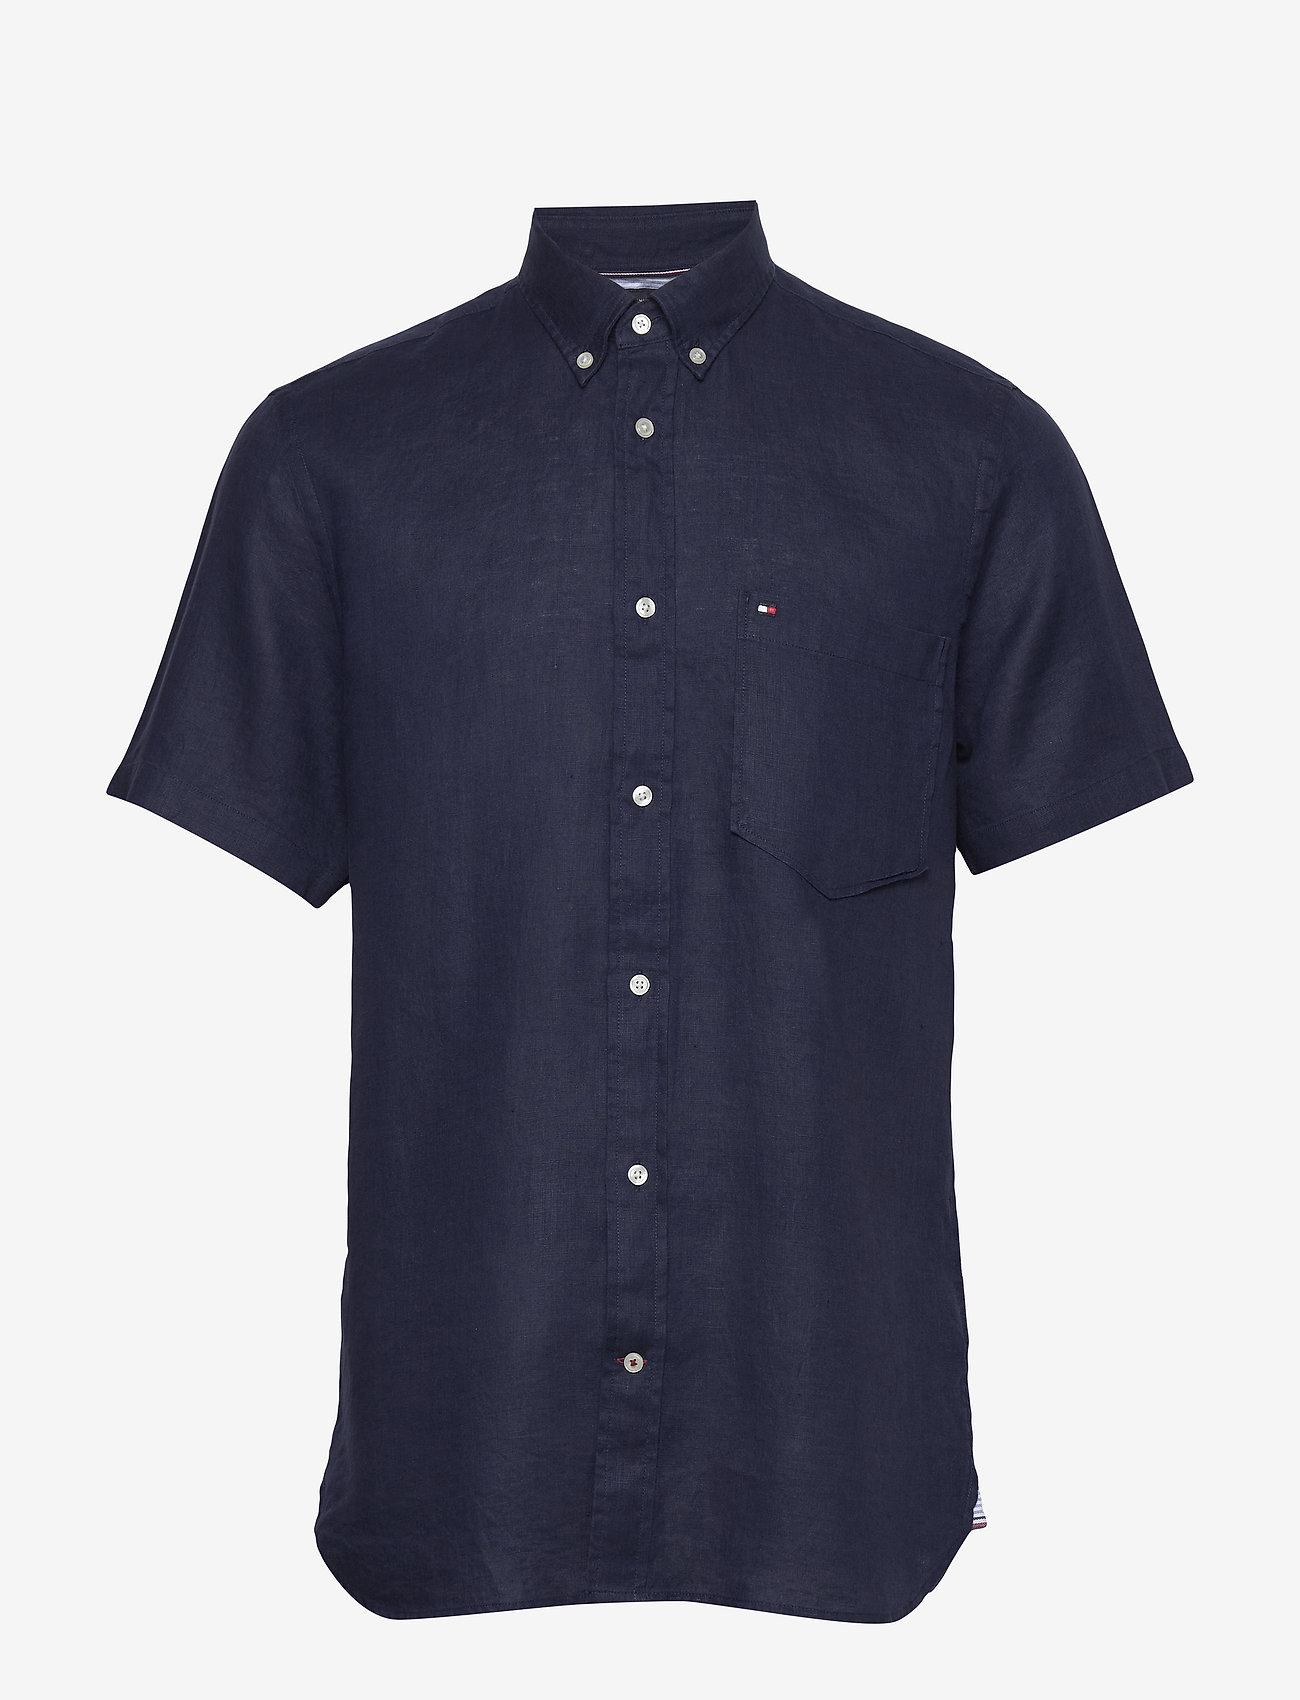 Tommy Hilfiger - LINEN SHIRT S/S - linen shirts - blue ink - 0